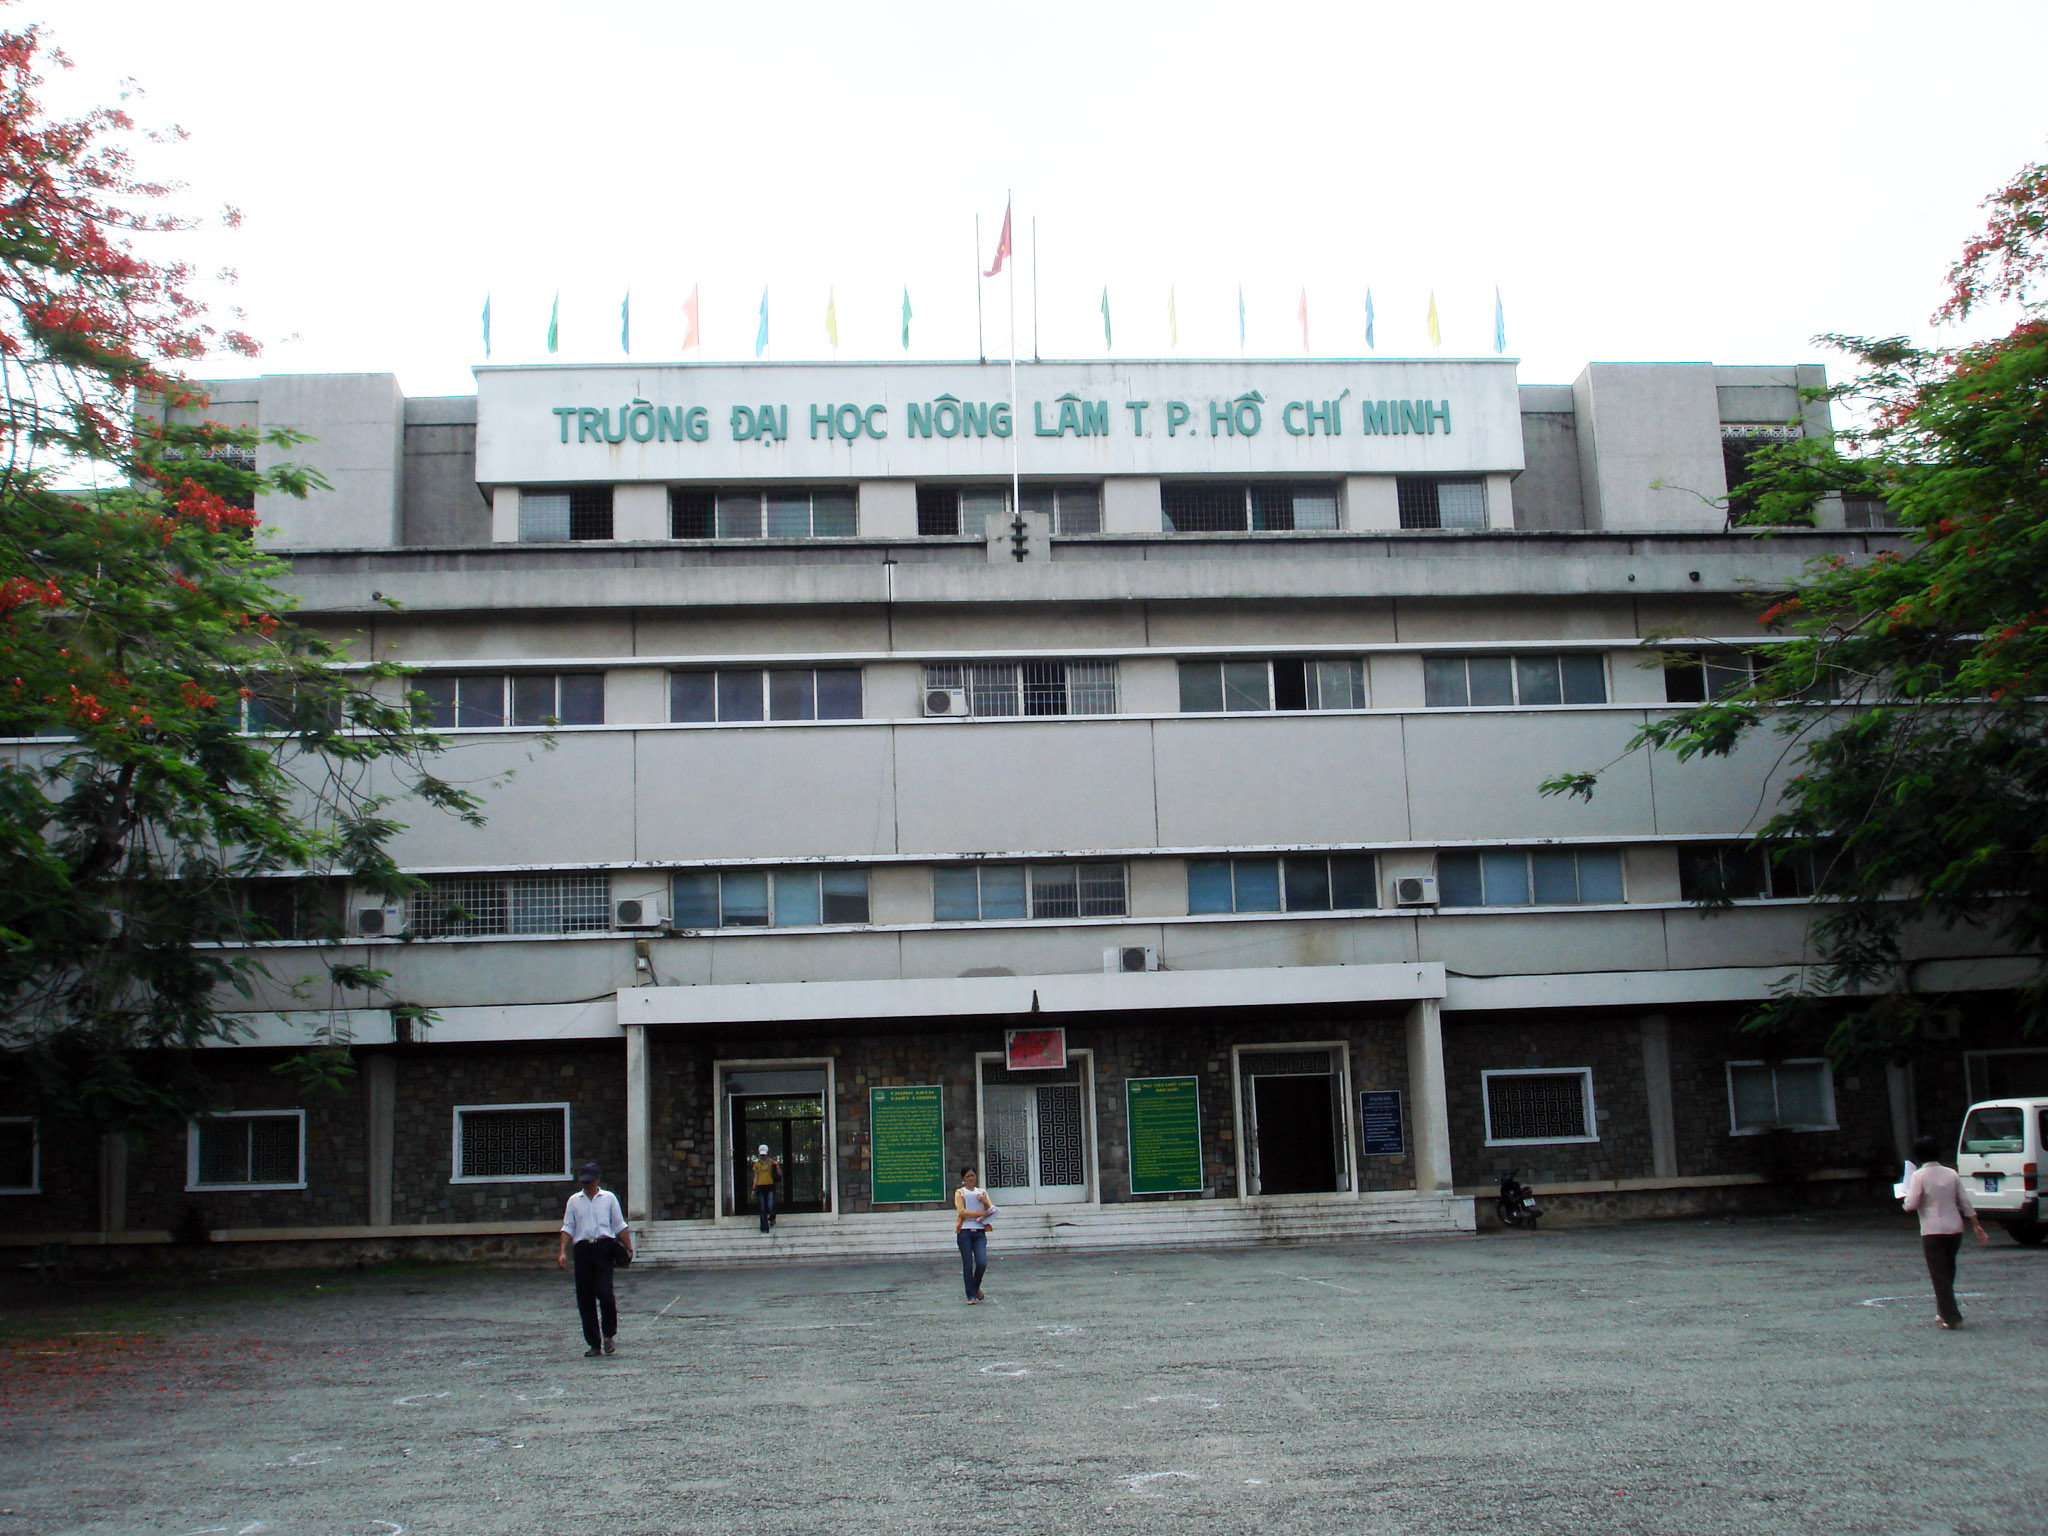 ĐH Nông lâm TP.HCM công bố phương án tuyển sinh dự kiến 2017